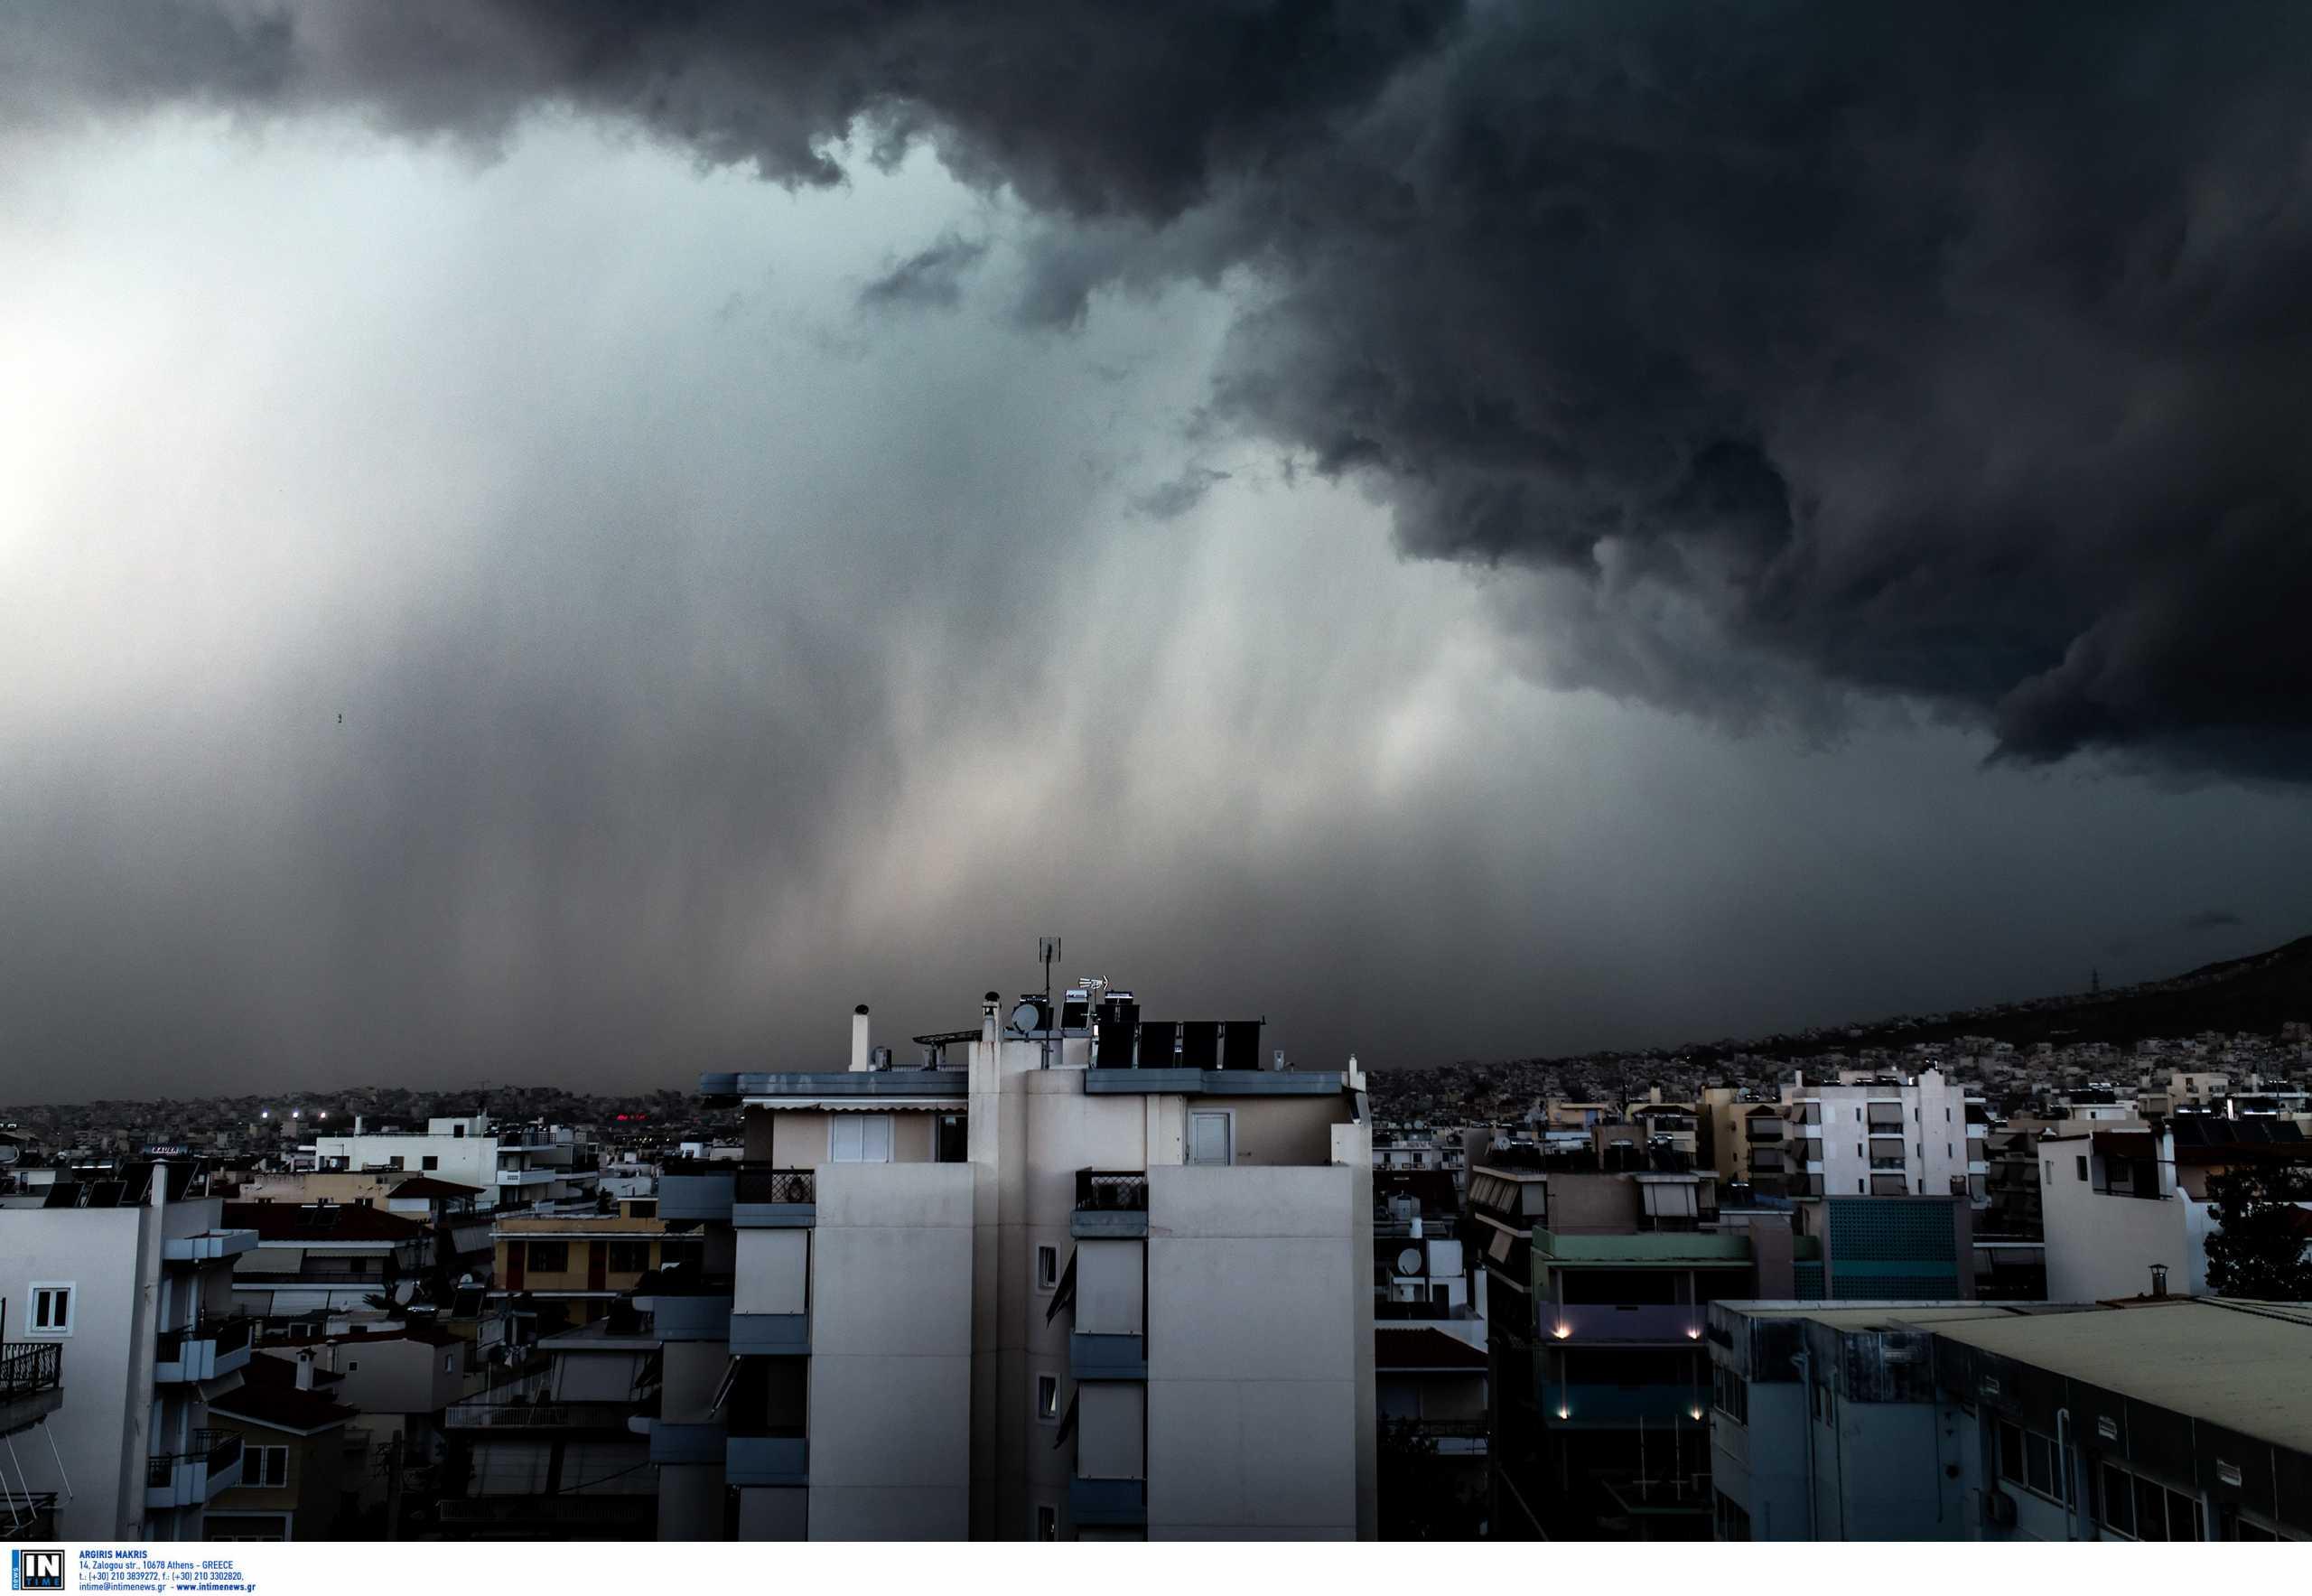 Καιρός: Έρχεται η «ψυχρή λίμνη» που σάρωσε την κεντρική Ευρώπη – Ποιες περιοχές θα επηρεαστούν